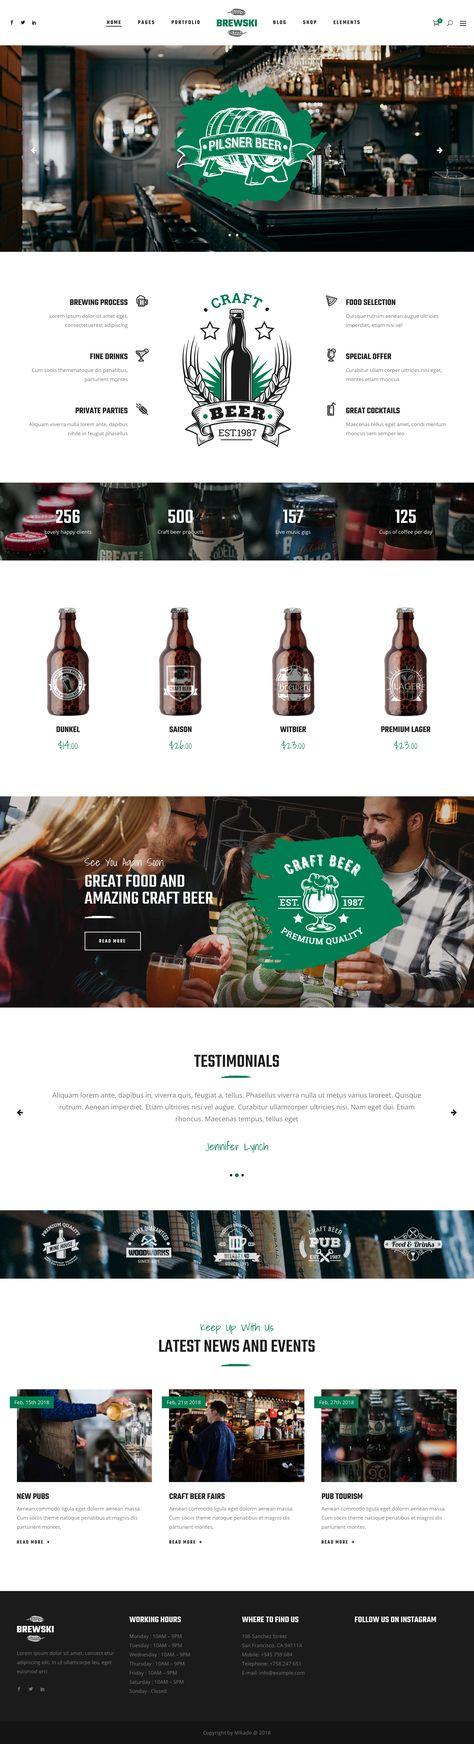 Brewsky beer website template